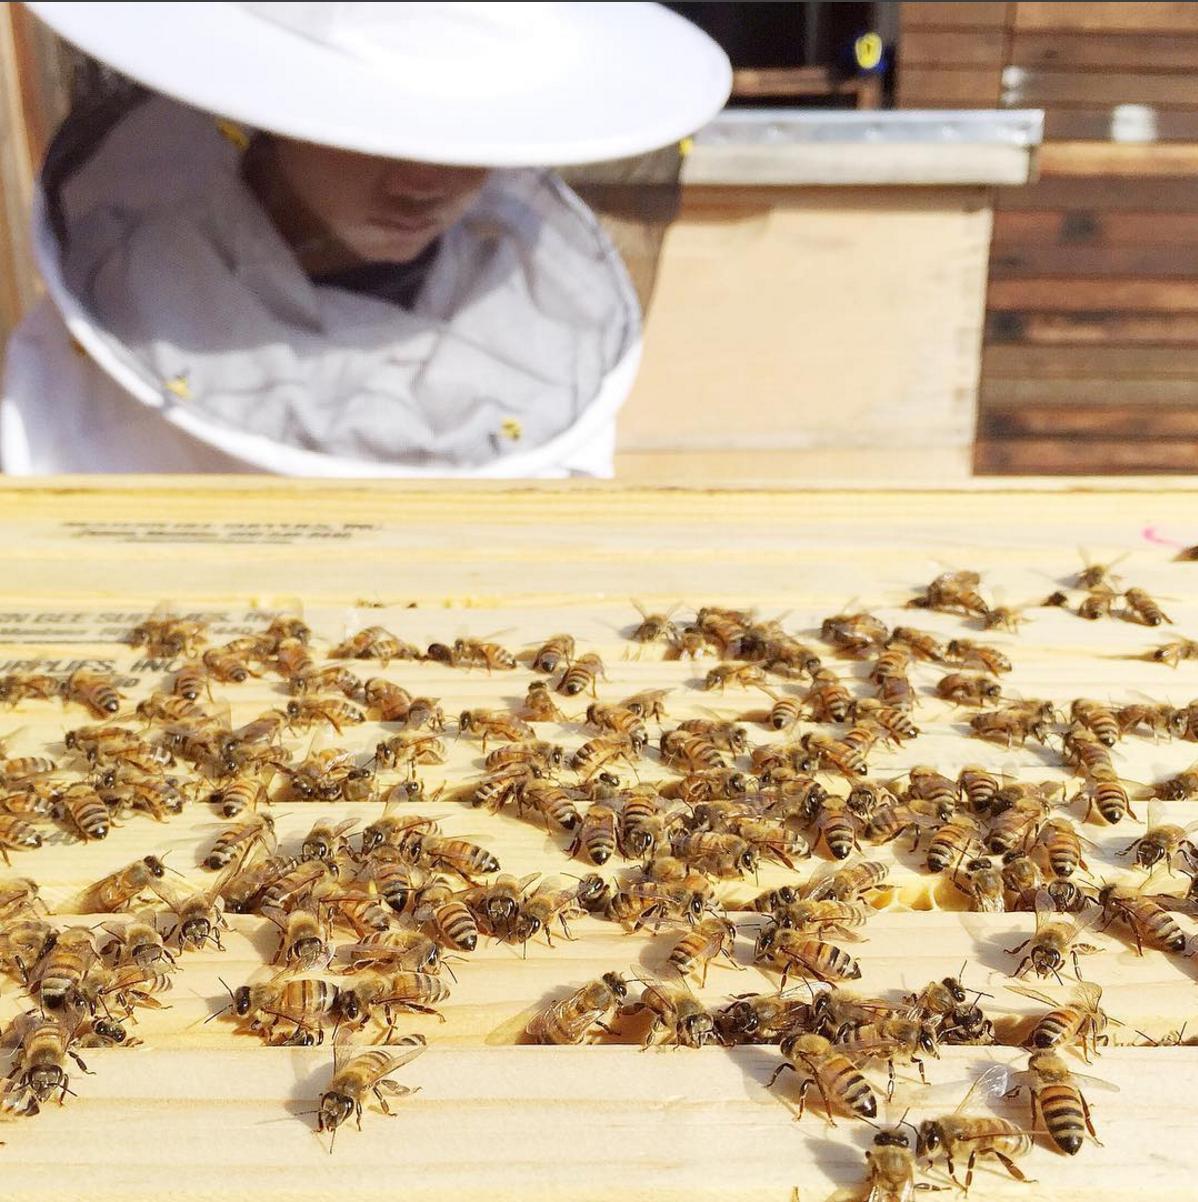 Happy bees, happy little beekeeper.